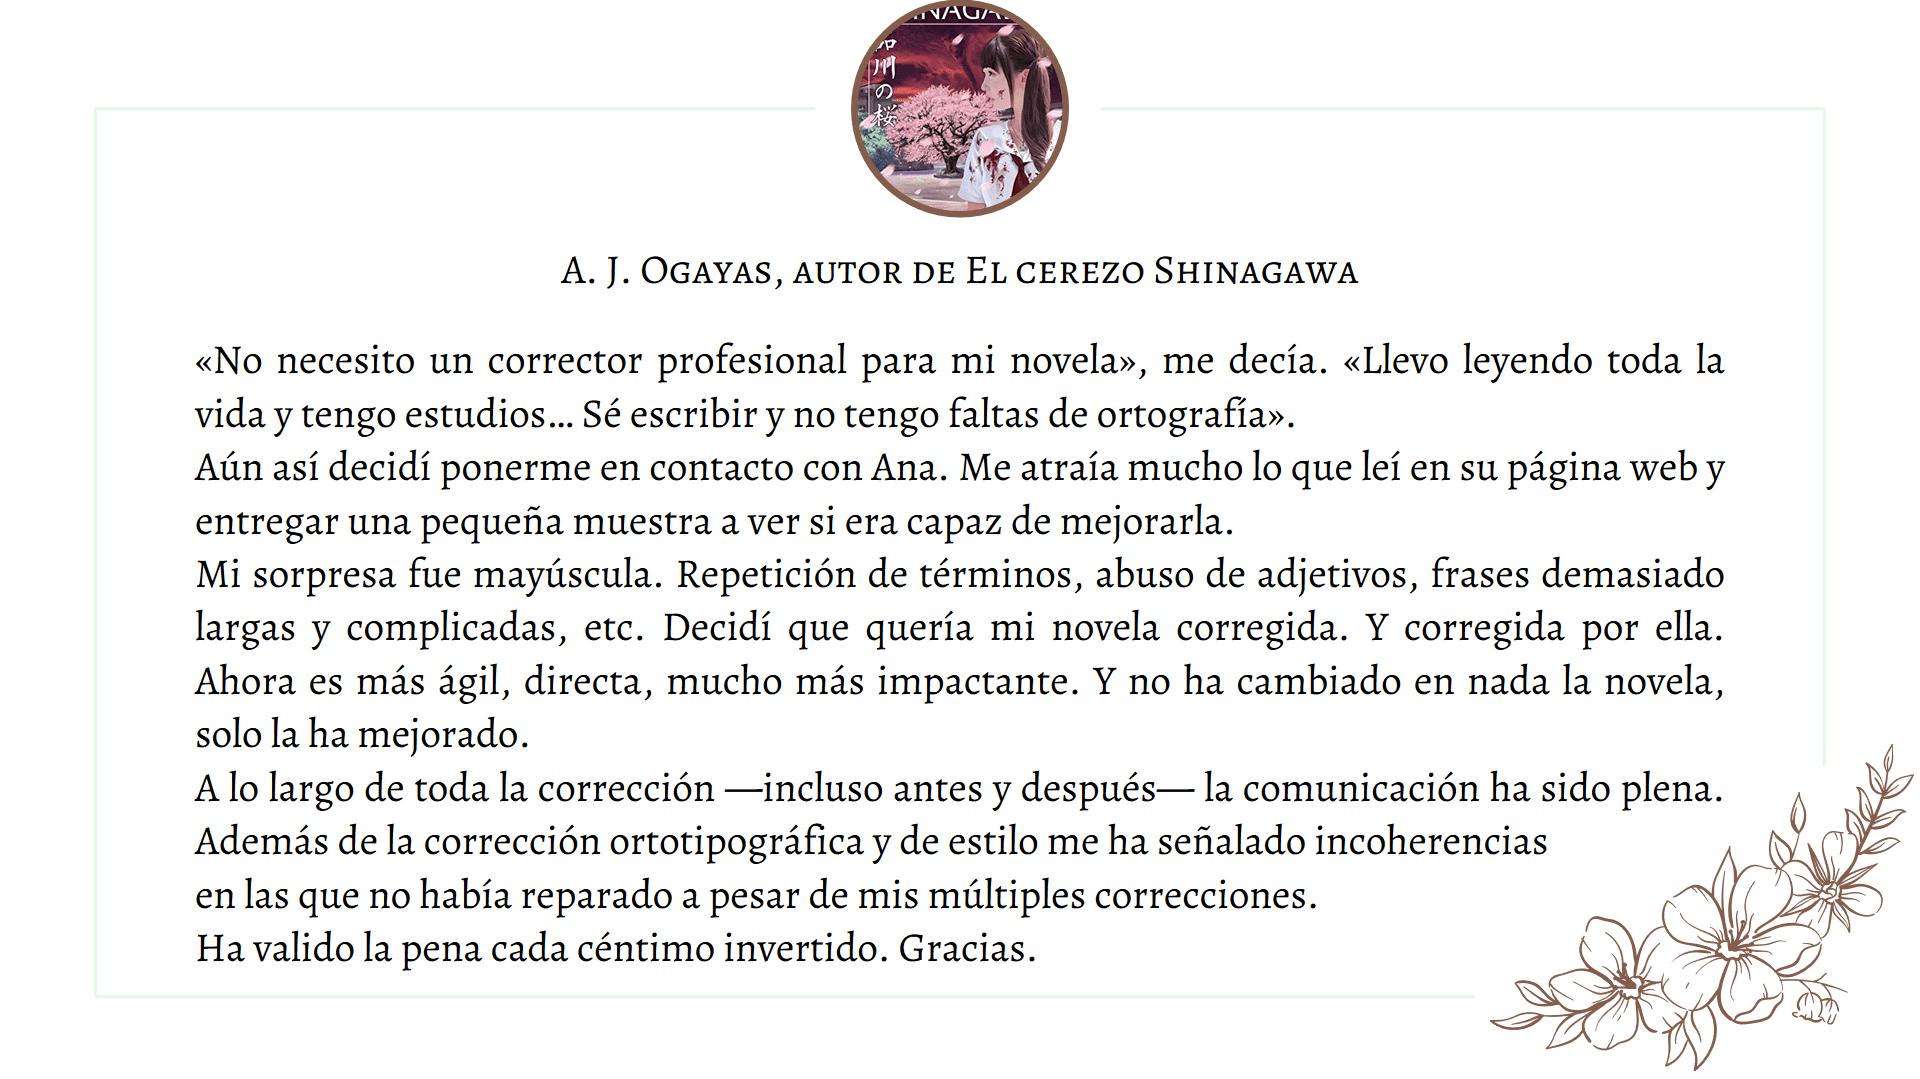 testimonio-alberto-ogayas